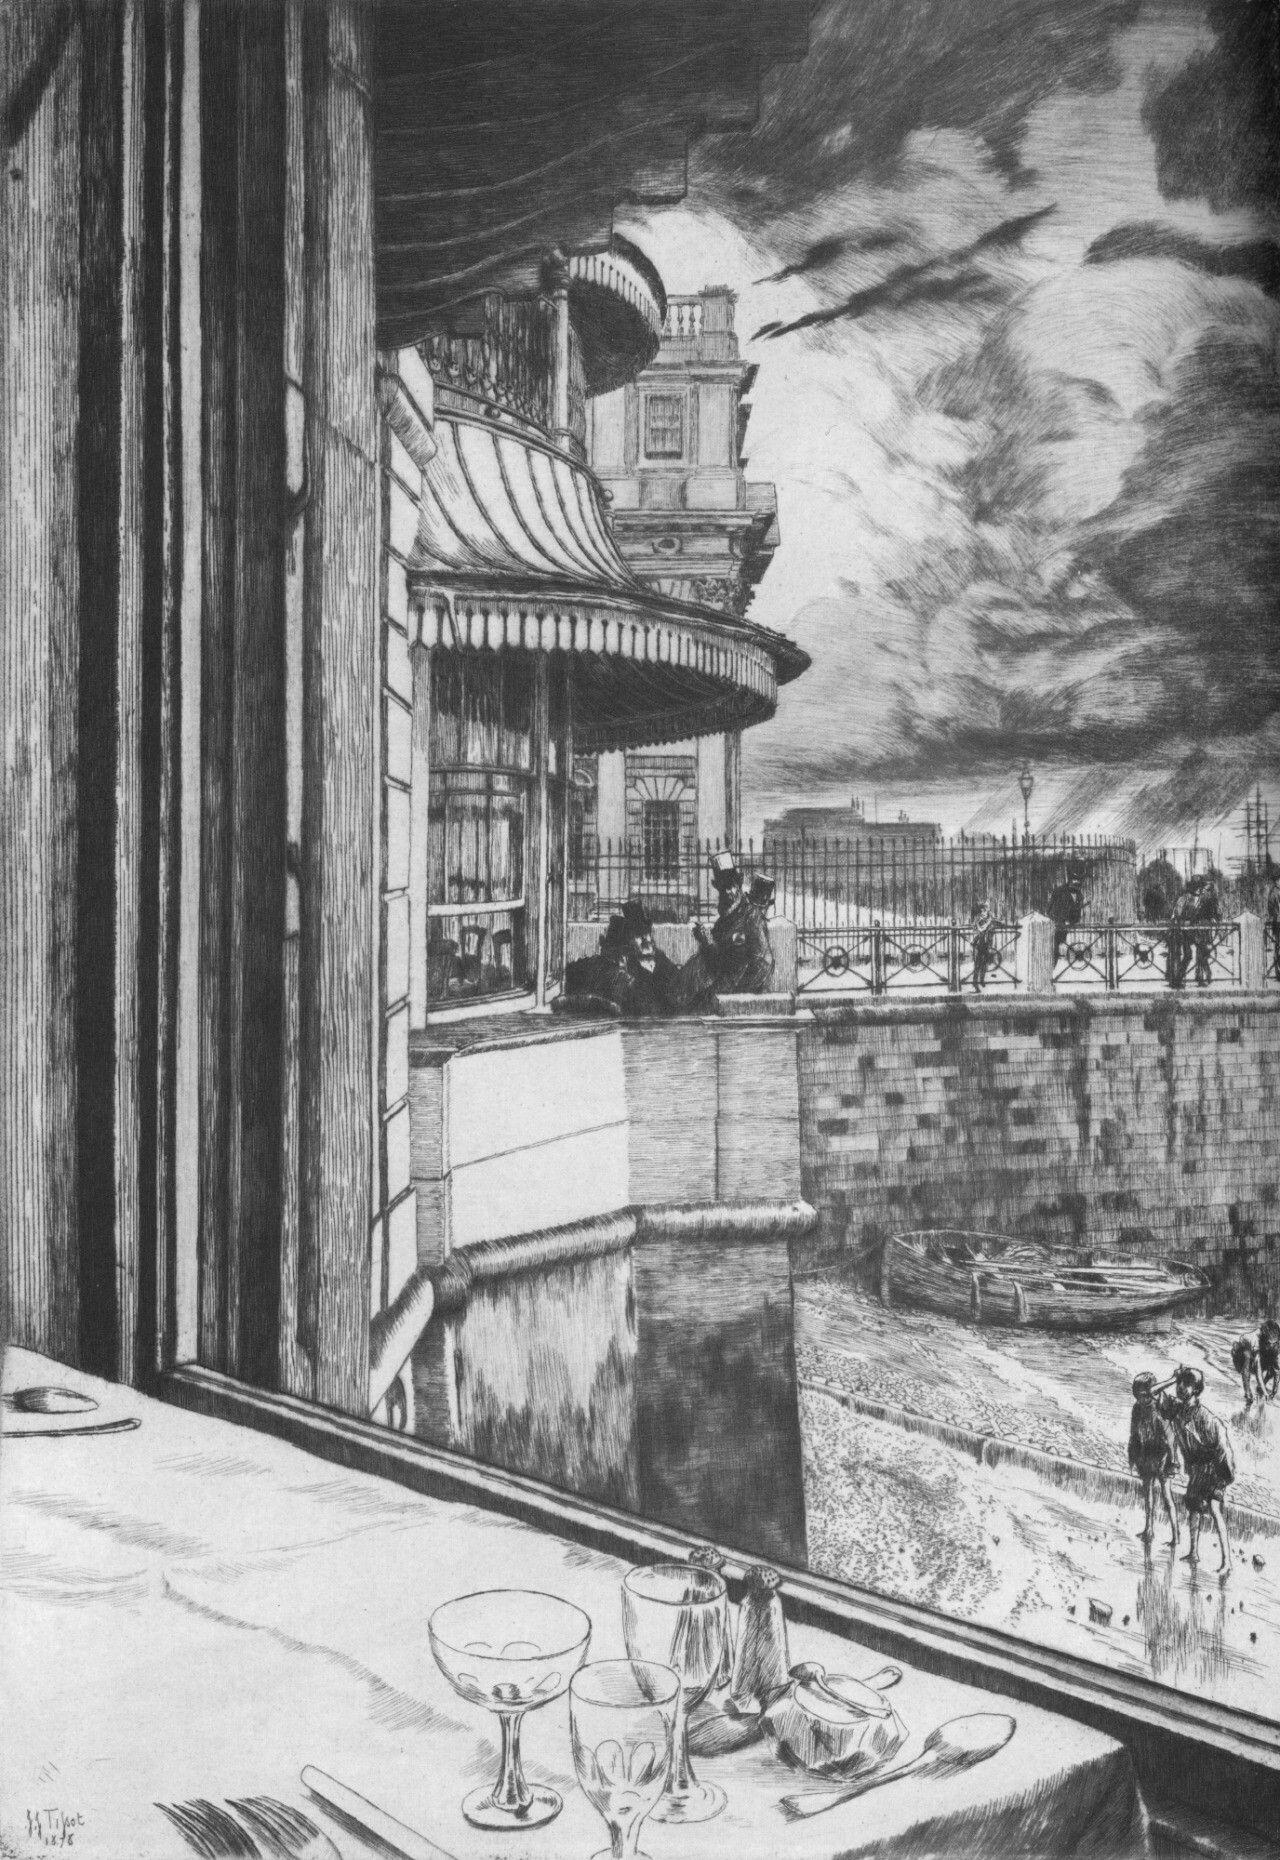 Trafalgar Tavern- James Tissot, 1878